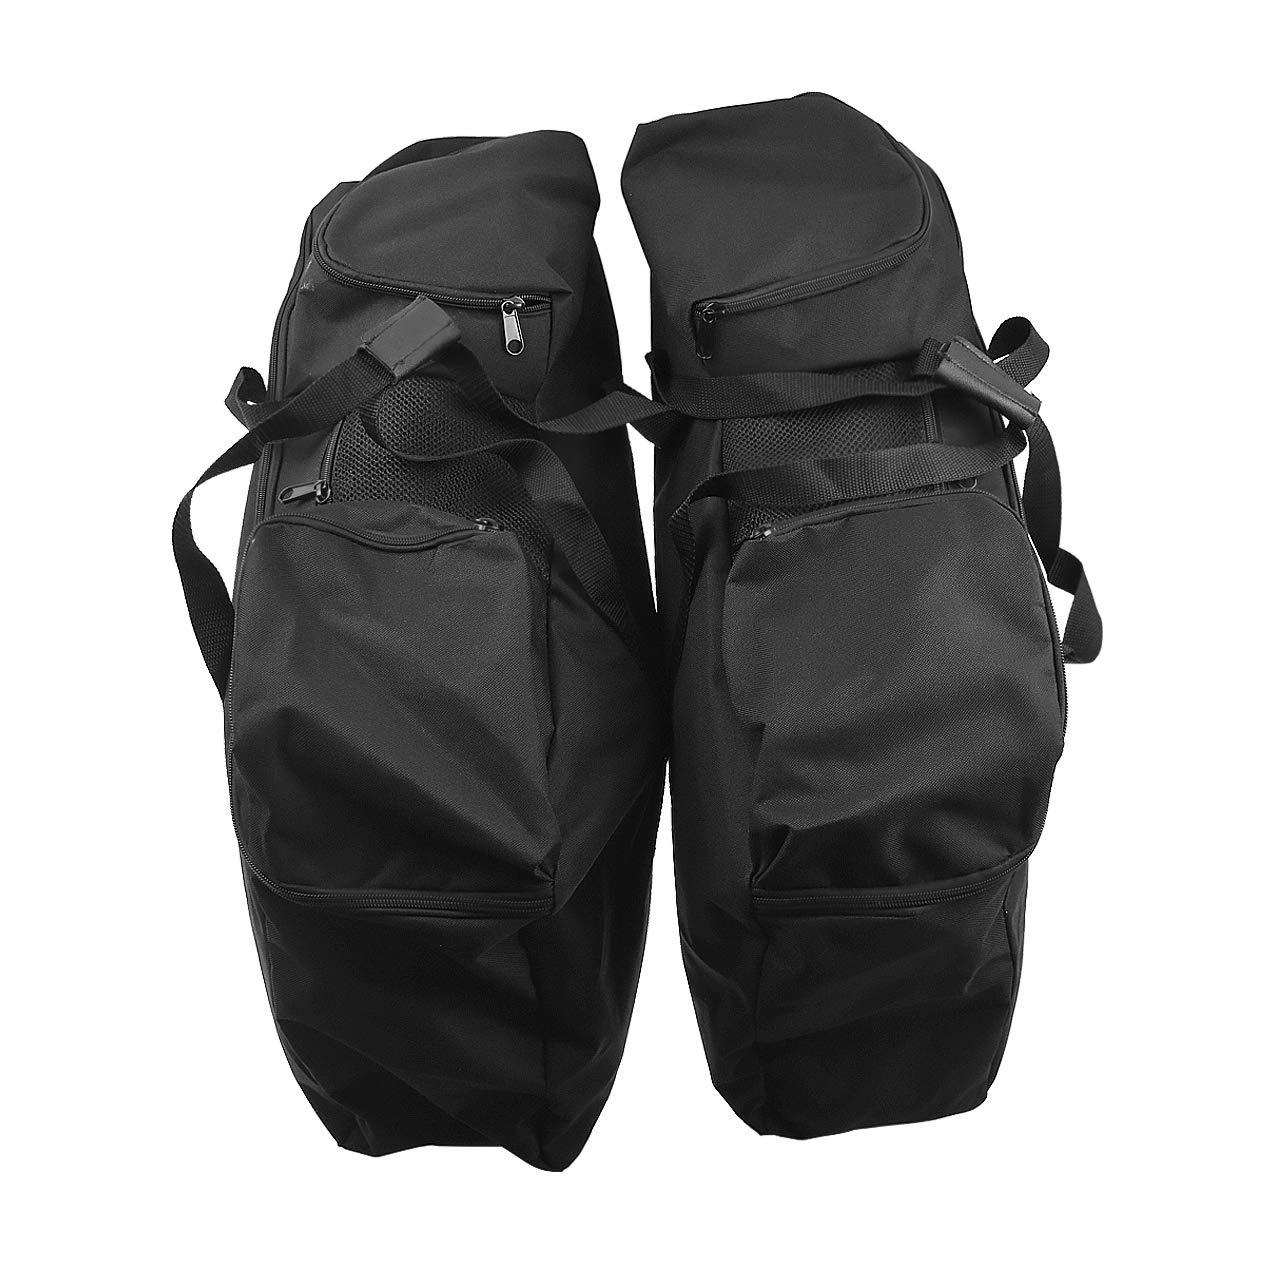 Rebacker Motorcycle Saddlebag Liner Storage Bag for Harley Touring Electra Glide Road Glide 2014-2018